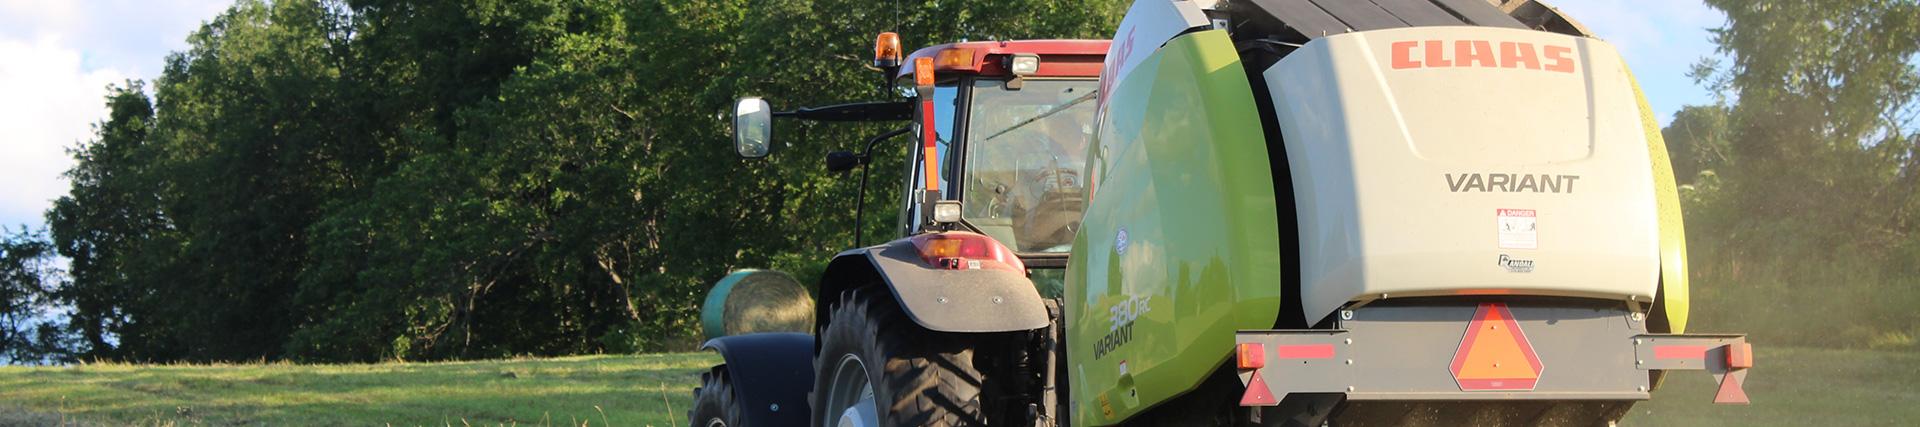 Farm Equipment and Supplies New York Farm Bureau